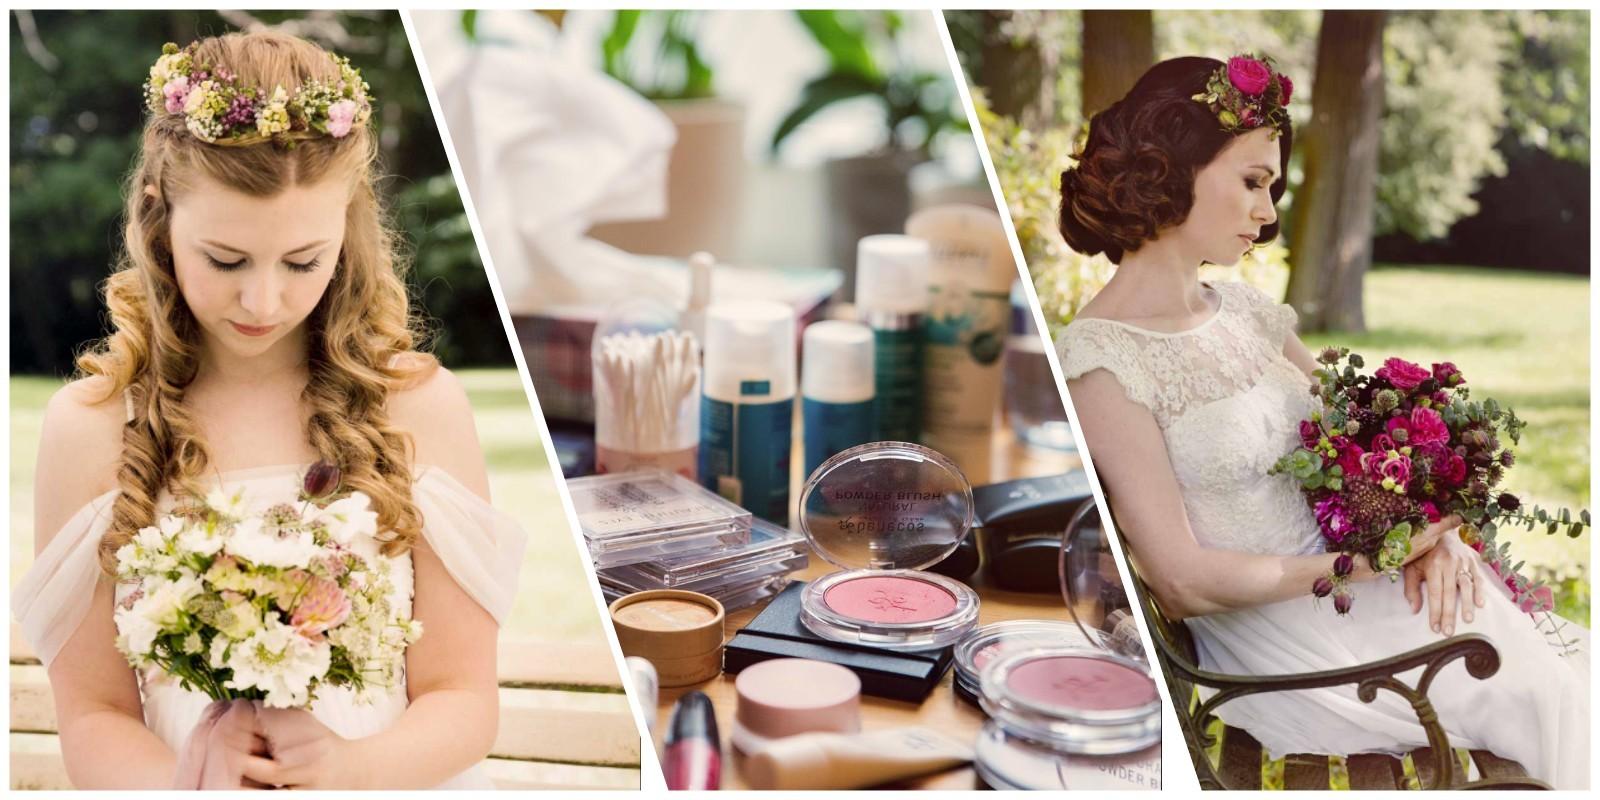 Veganes Braut-Make-up